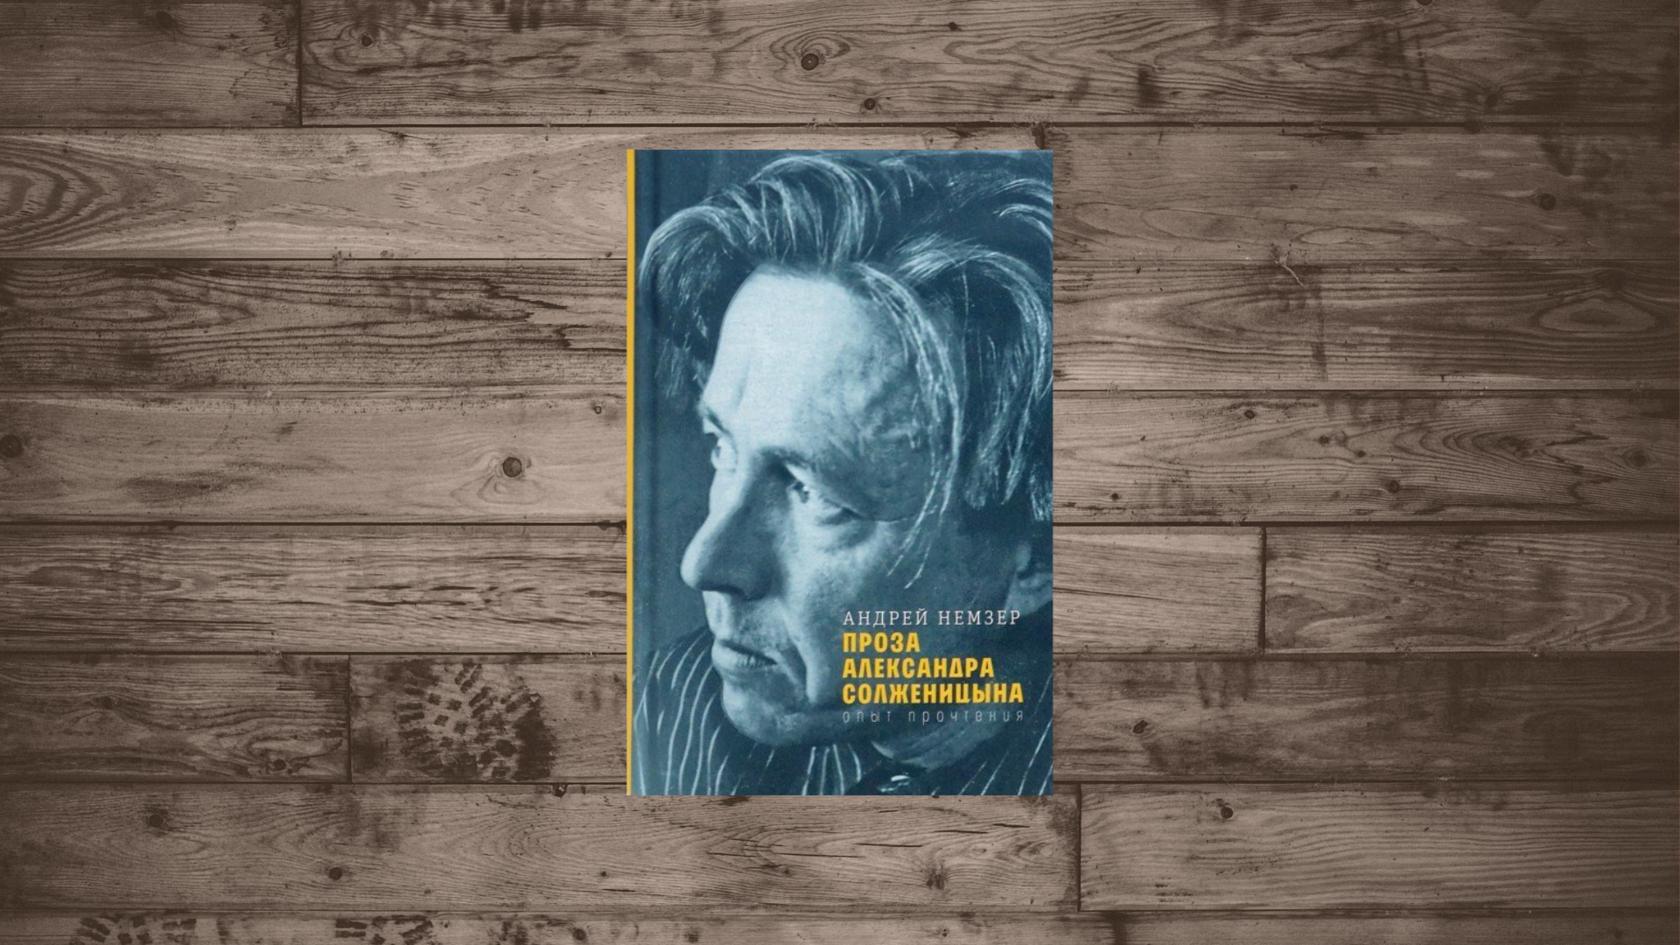 Купить «Проза Александра Солженицына. Опыт прочтения» 978-5-9691-1803-4